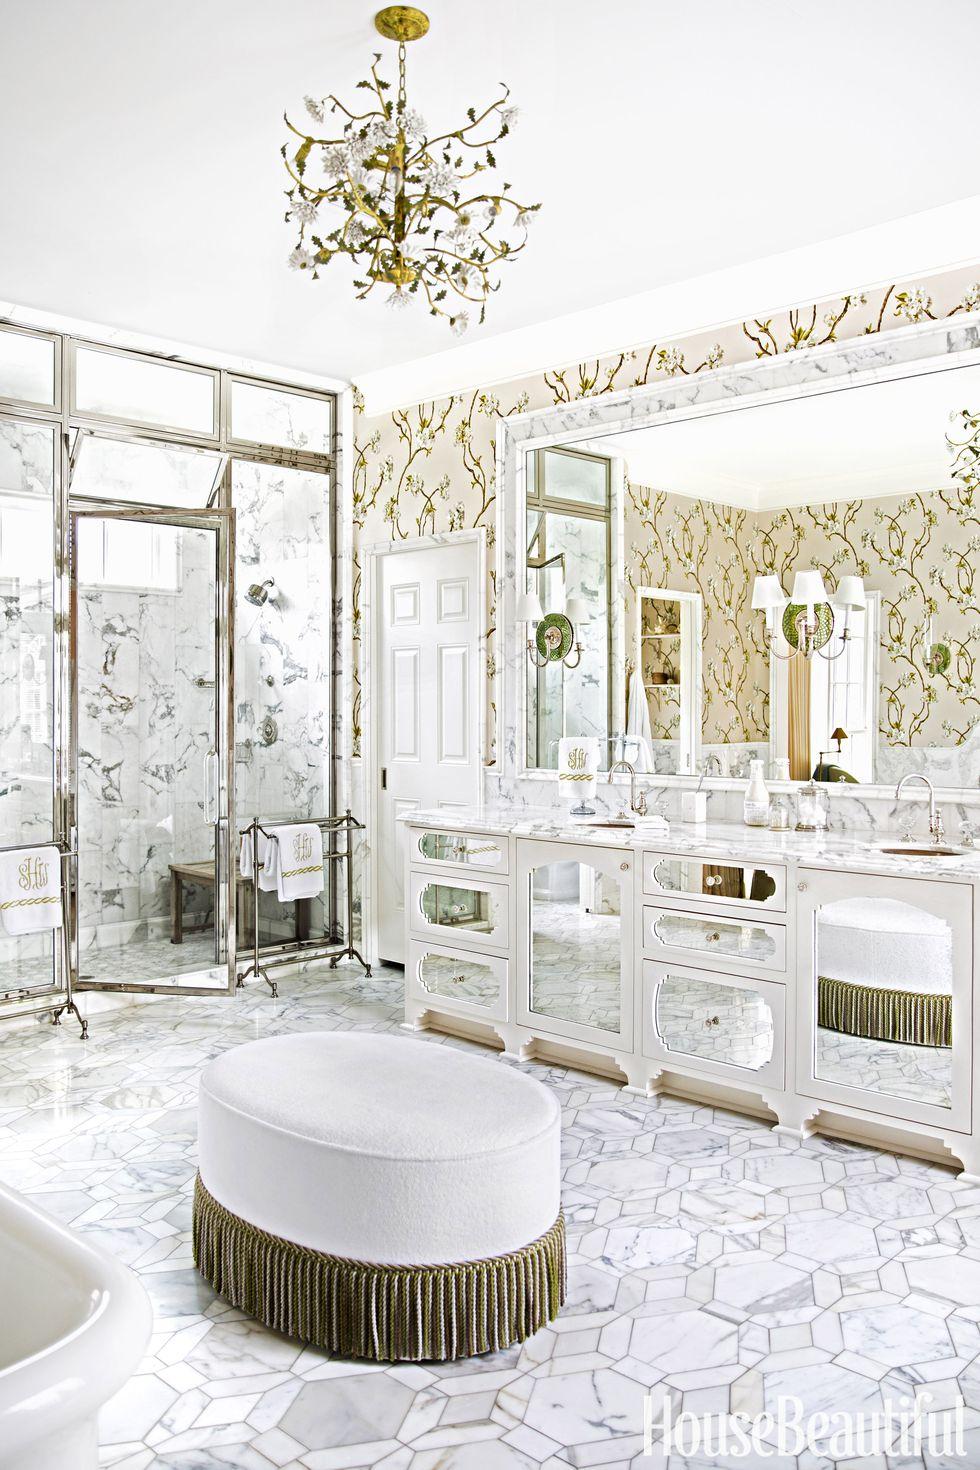 celerie-kemble-lindsey-herod-master-bath-0517